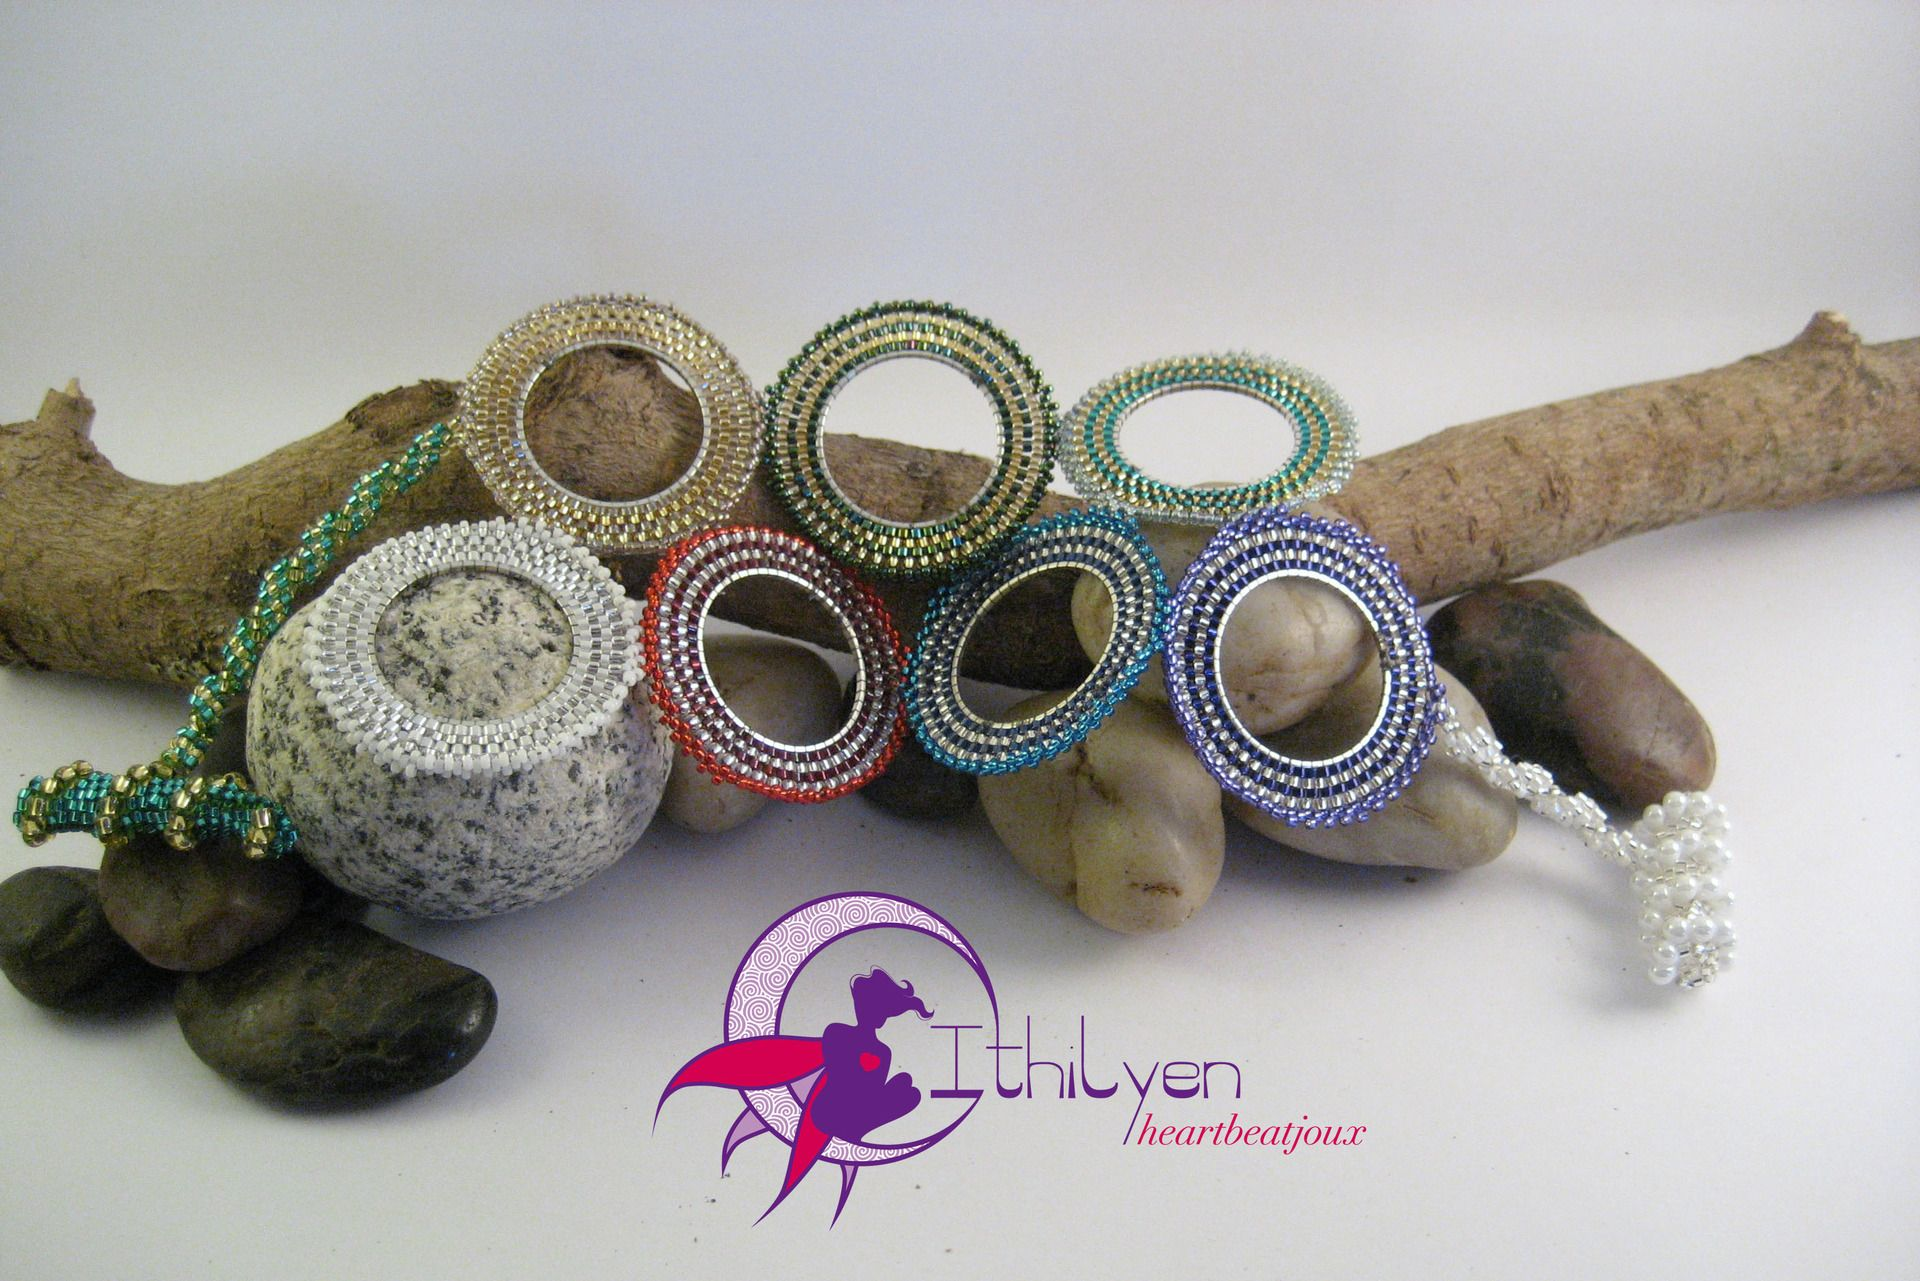 """Bracciale """"Iride"""" in brickstitch circolare su anelli di metallo argentato : Braccialetti di ithilyen-heartbeatjoux"""